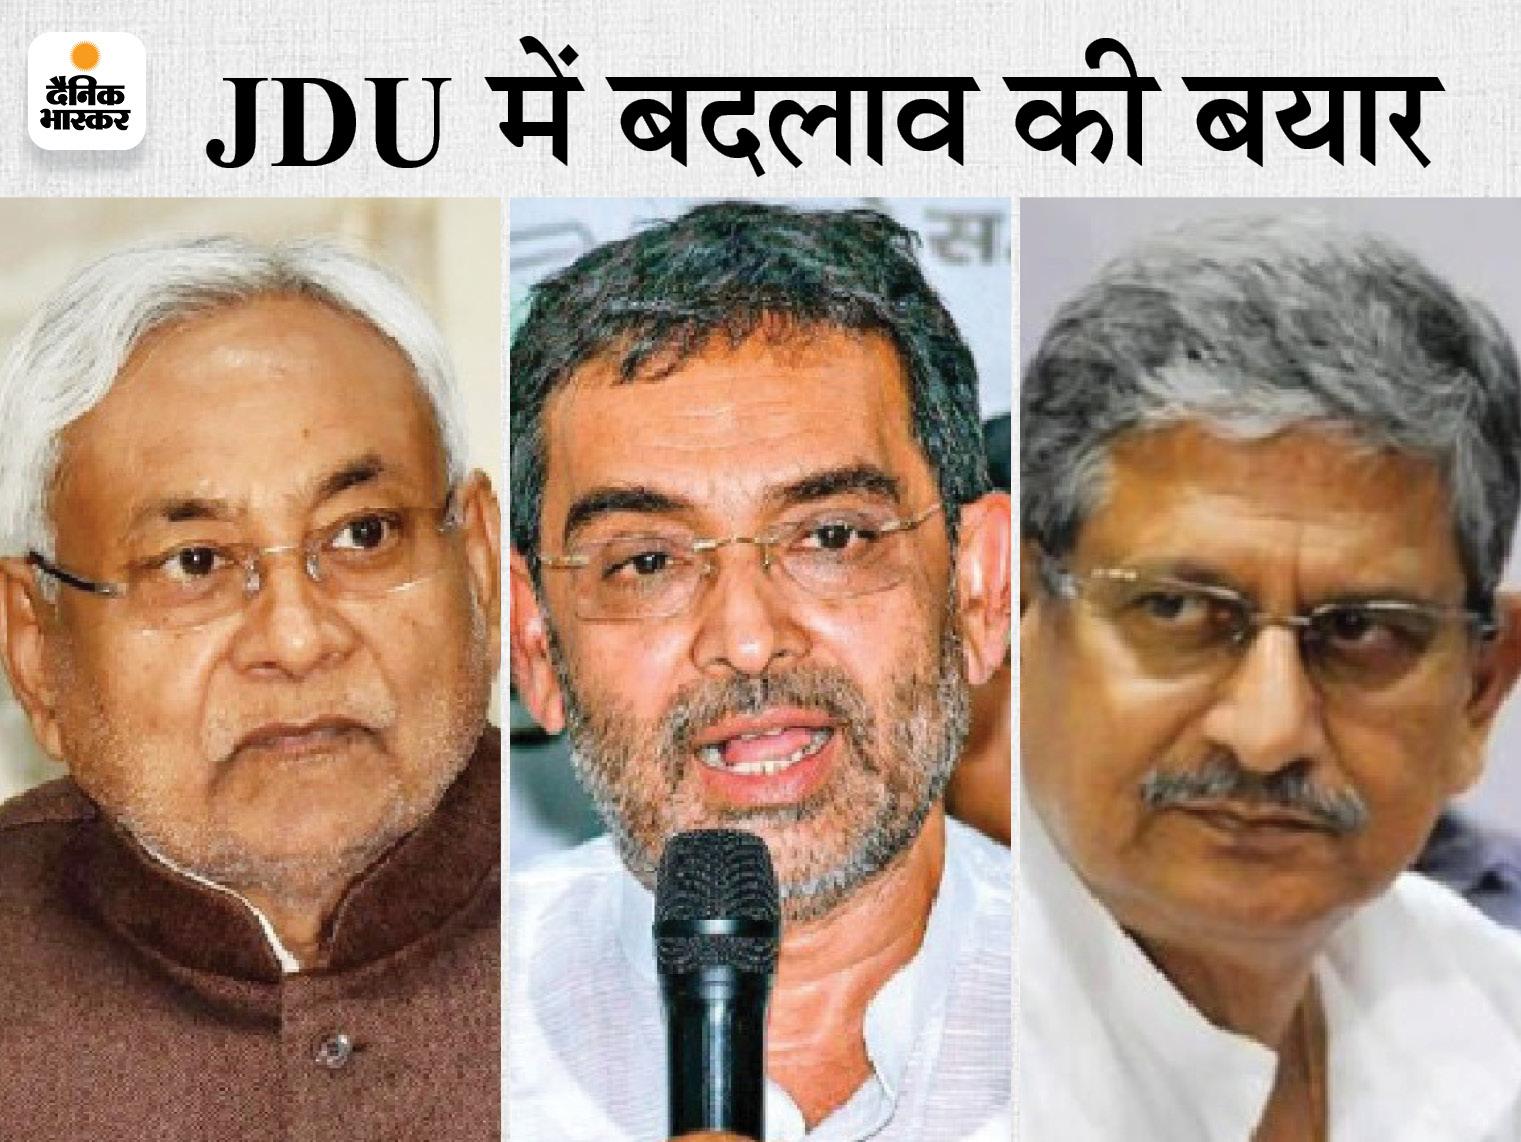 ललन सिंह को मिल सकती है JDU के राष्ट्रीय अध्यक्ष की कमान, उपेंद्र कुशवाहा बन सकते हैं प्रदेश अध्यक्ष; CM ने दिए संकेत|बिहार,Bihar - Dainik Bhaskar